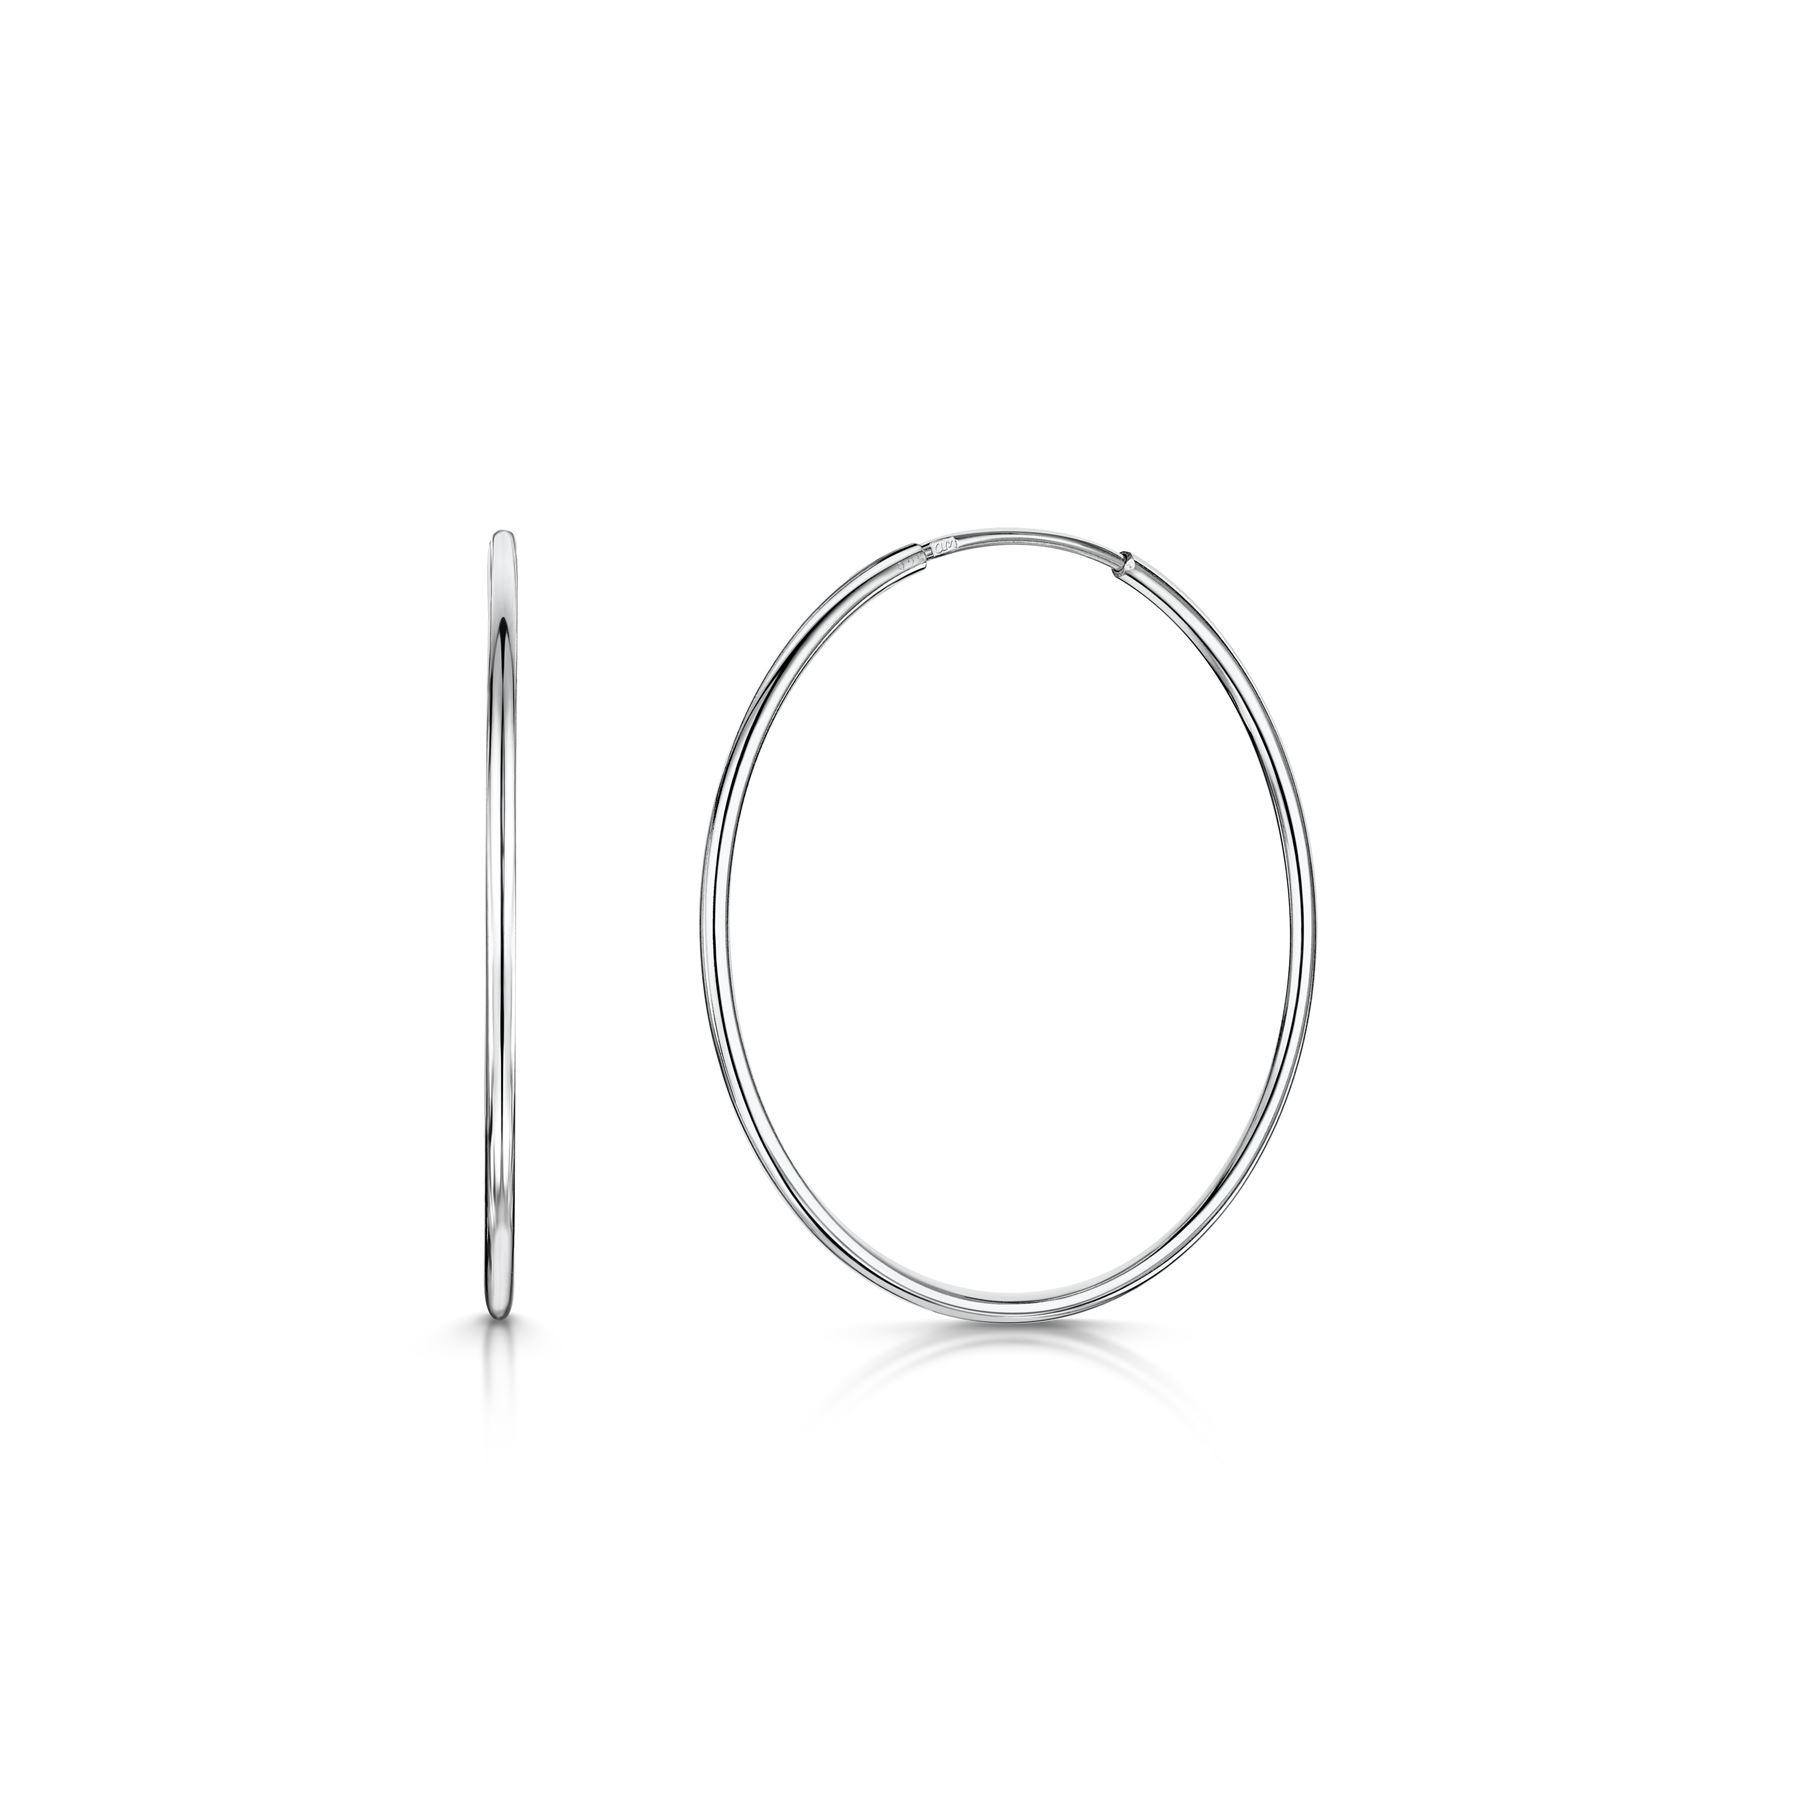 Amberta-Pendientes-para-Mujer-Aros-en-Plata-De-Ley-925-Autentica-Estilo-Clasico miniatura 34